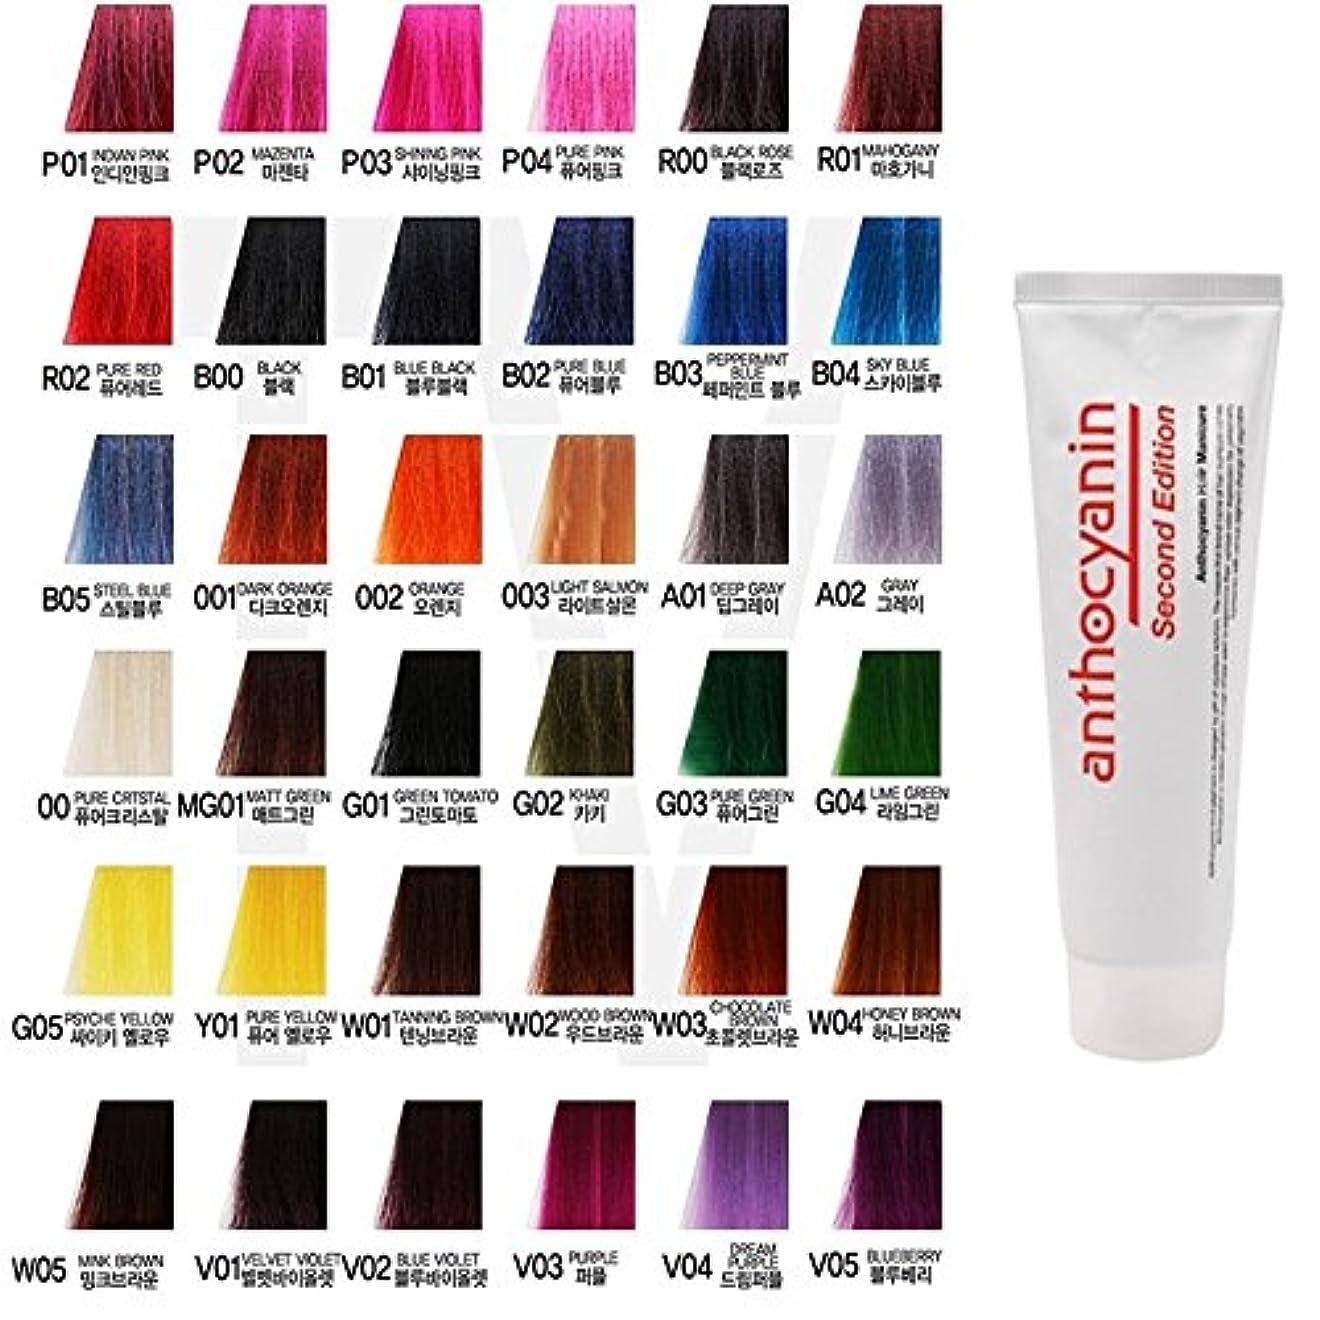 嫌悪おなかがすいた破壊するヘア マニキュア カラー セカンド エディション 230g セミ パーマネント 染毛剤 ( Hair Manicure Color Second Edition 230g Semi Permanent Hair Dye) [並行輸入品] (004 Pure Crystal)